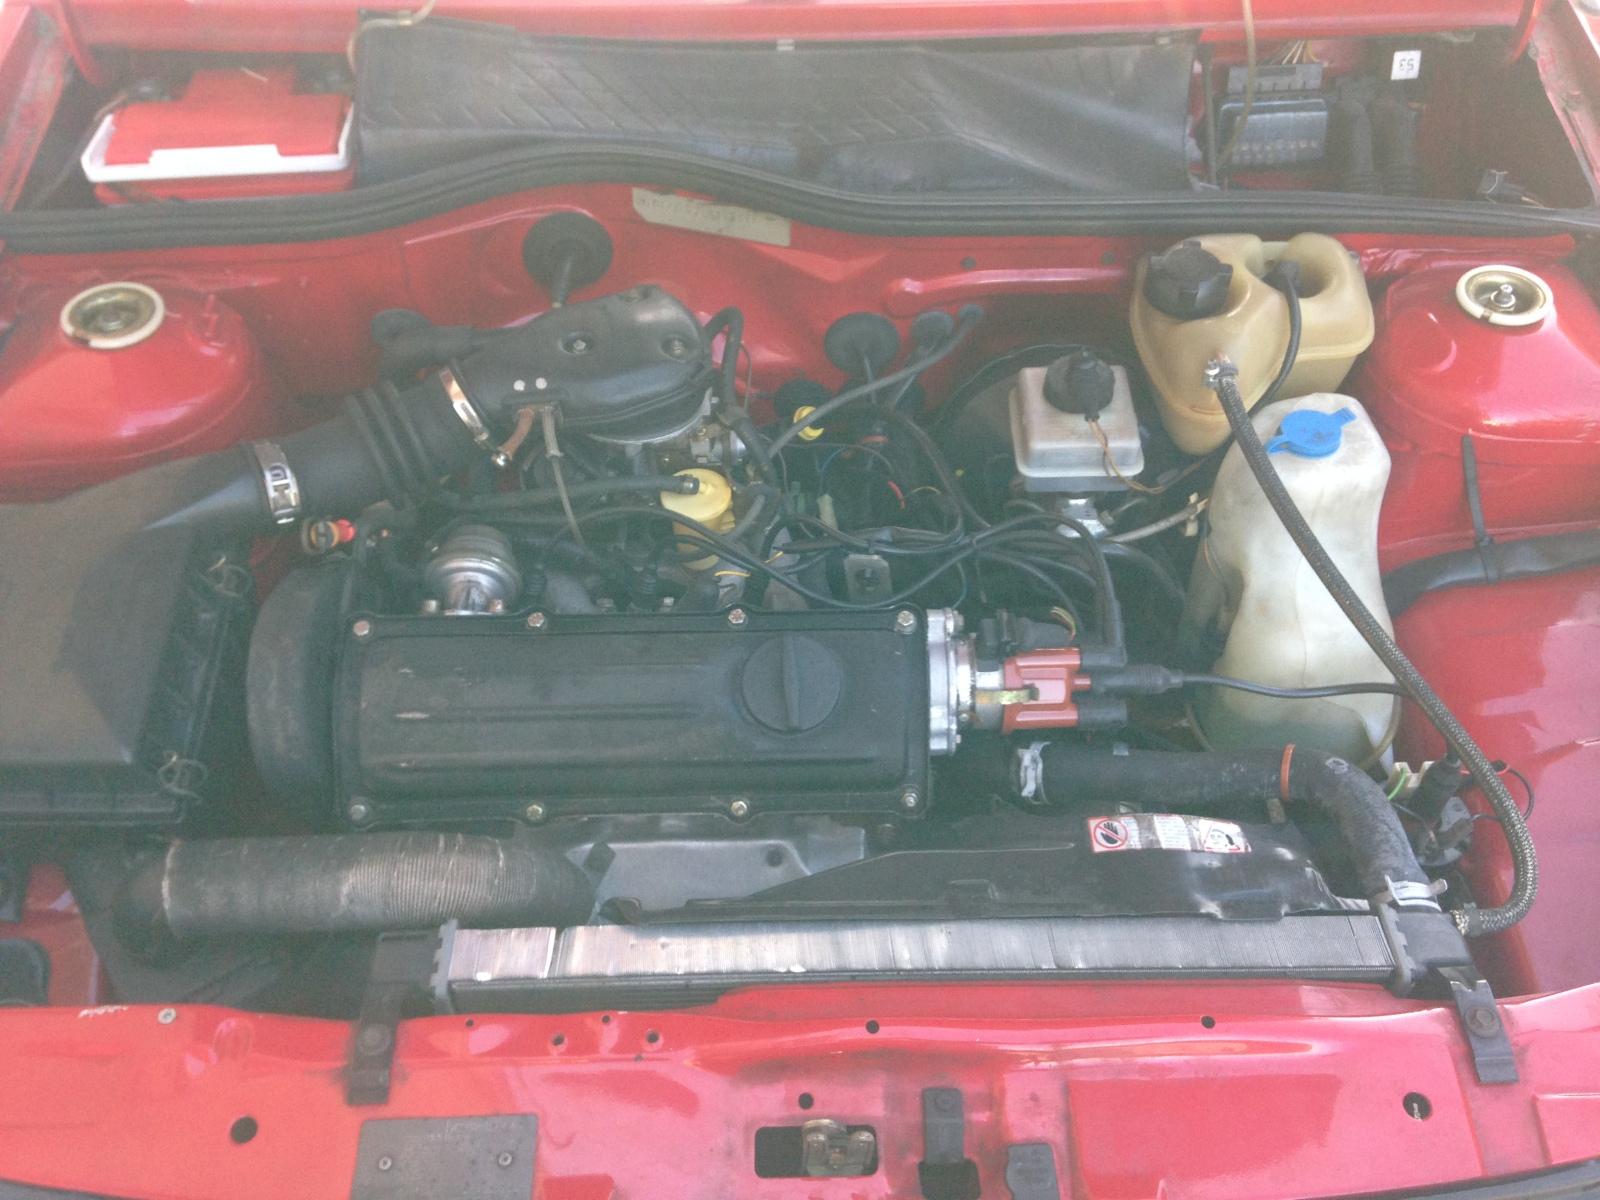 motores de polo con fotos - Página 3 14sinmr